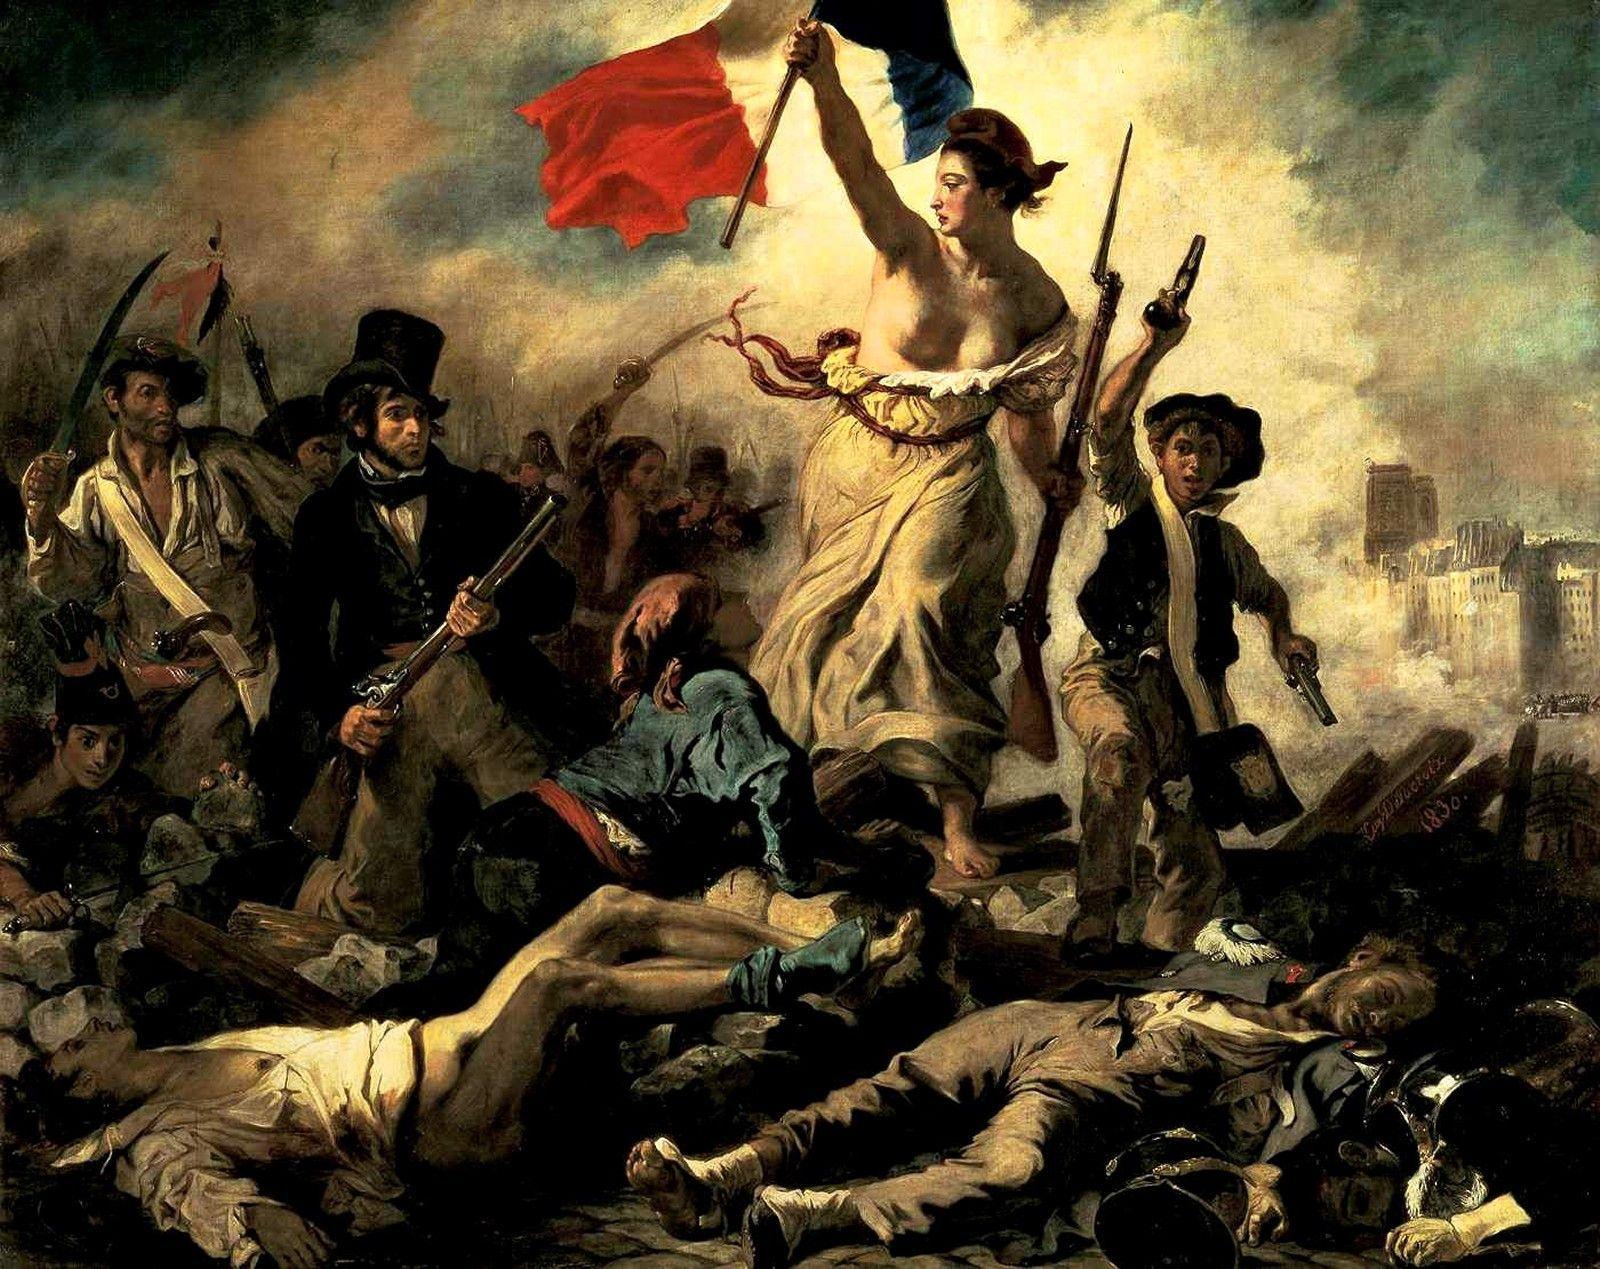 Arte: la Francia censura capolavoro di Delacroix nelle scuole del Medio Oriente